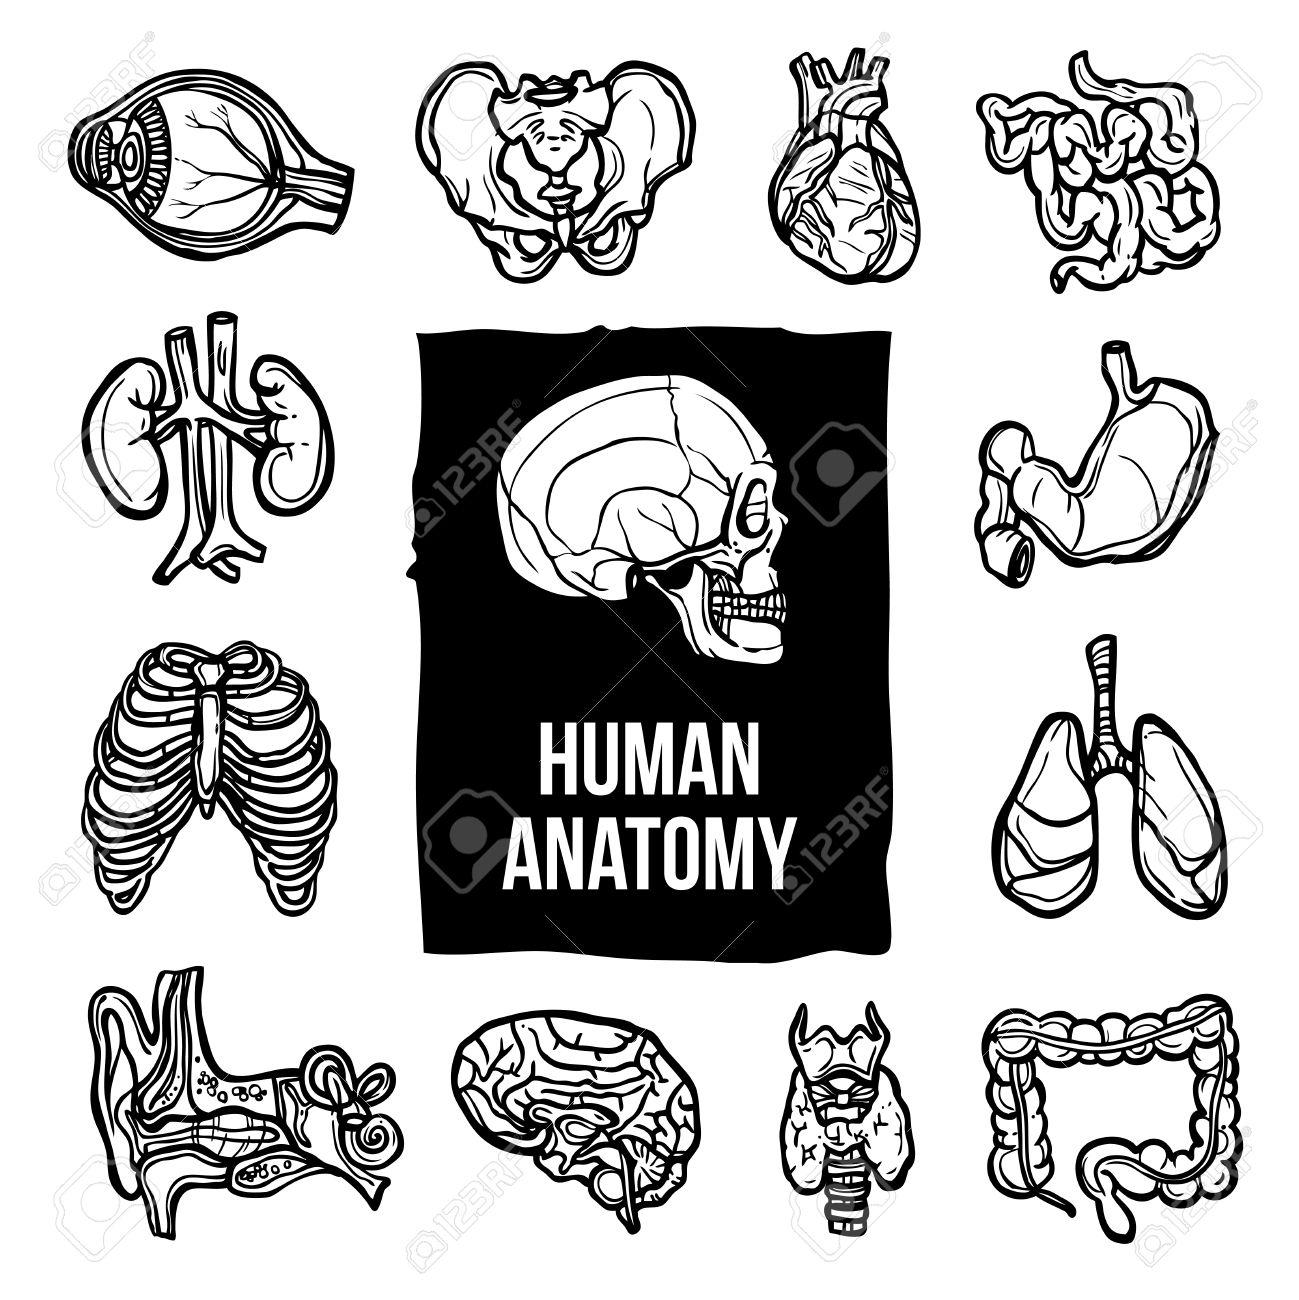 Anatomie Des Menschen Innere Körperorgane Skizze Dekorative Icons ...